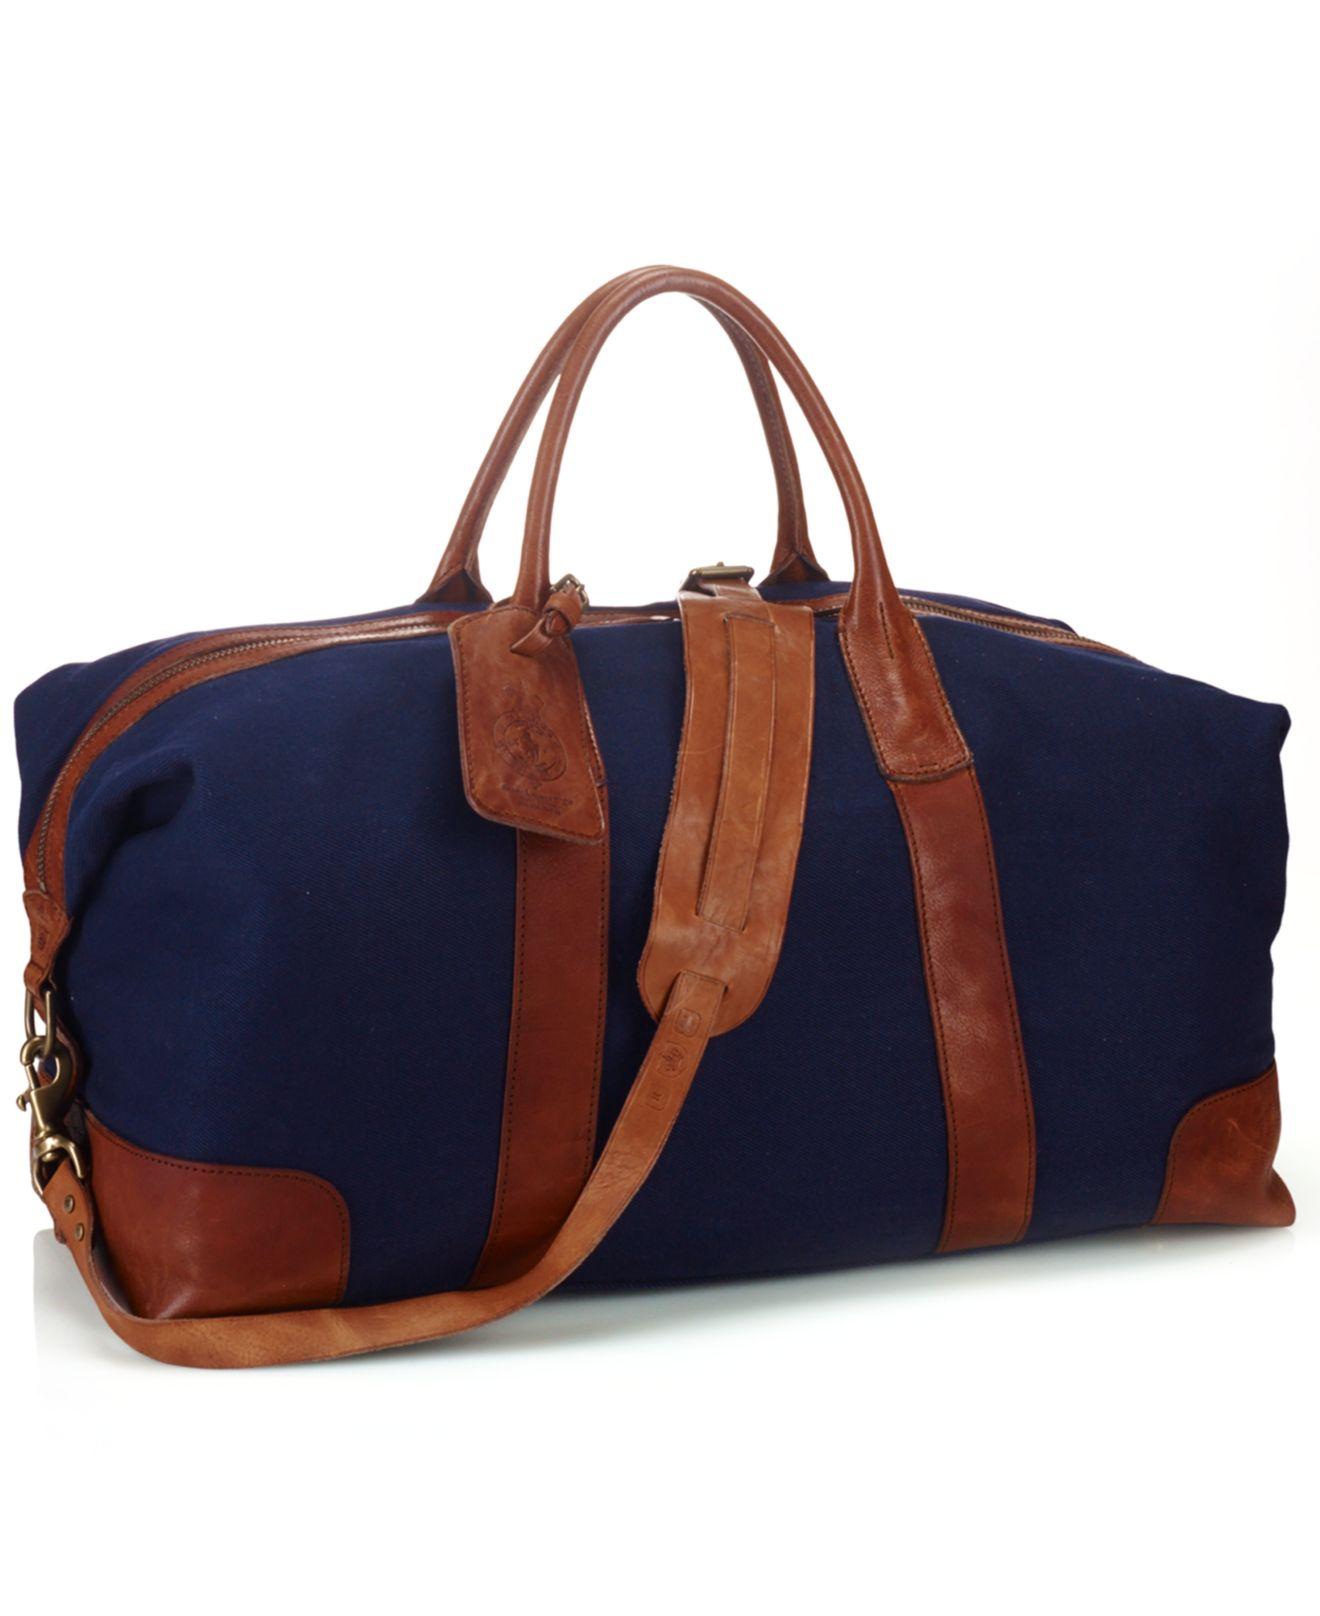 c62c680a2e58 Lyst polo ralph lauren canvas duffel bag in blue for men jpg 1320x1616 Polo  ralph lauren